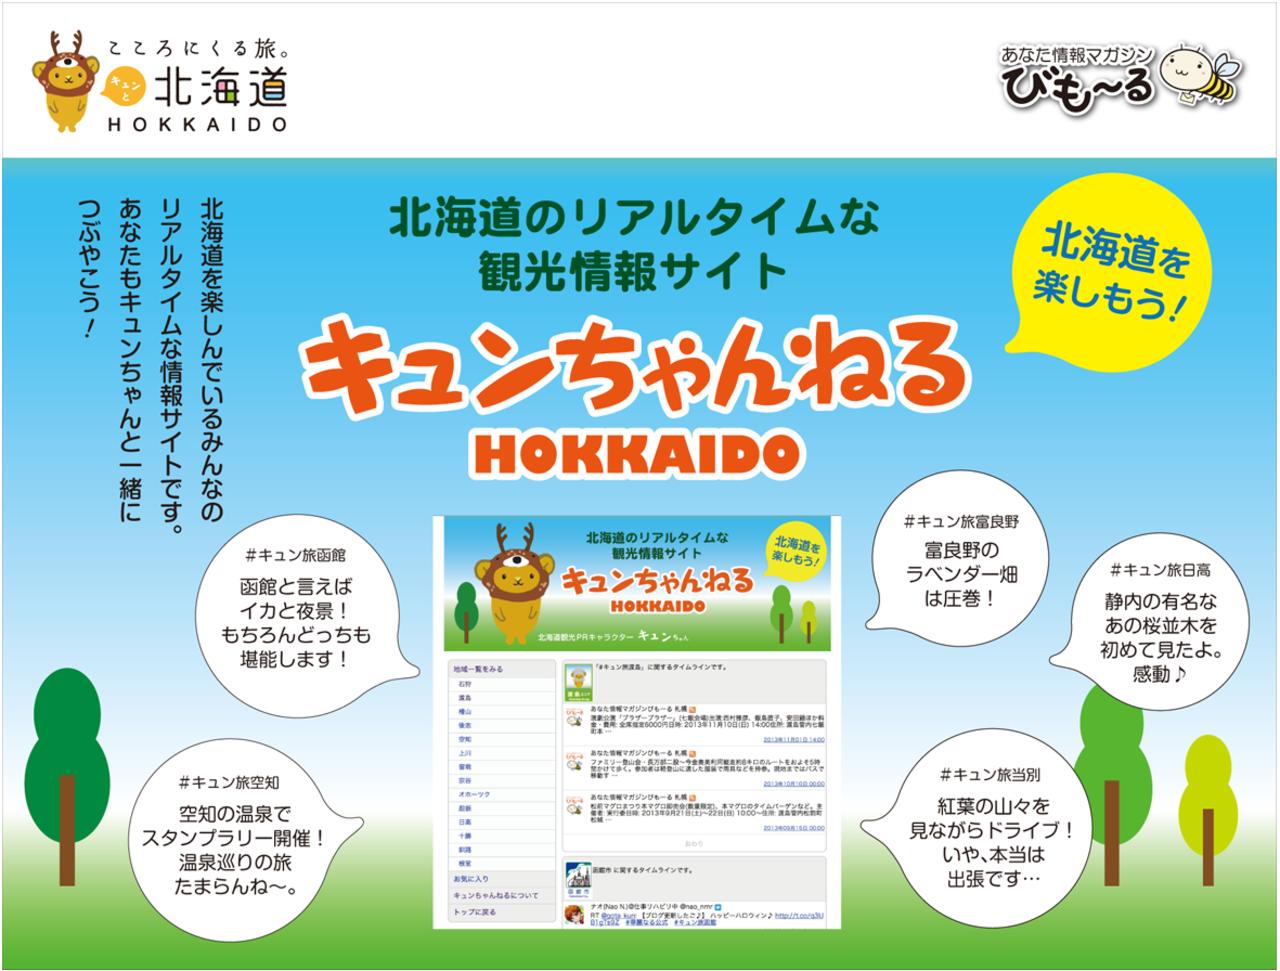 キュンちゃんと一緒に北海道を楽しもう「キュンちゃんねる」 札幌